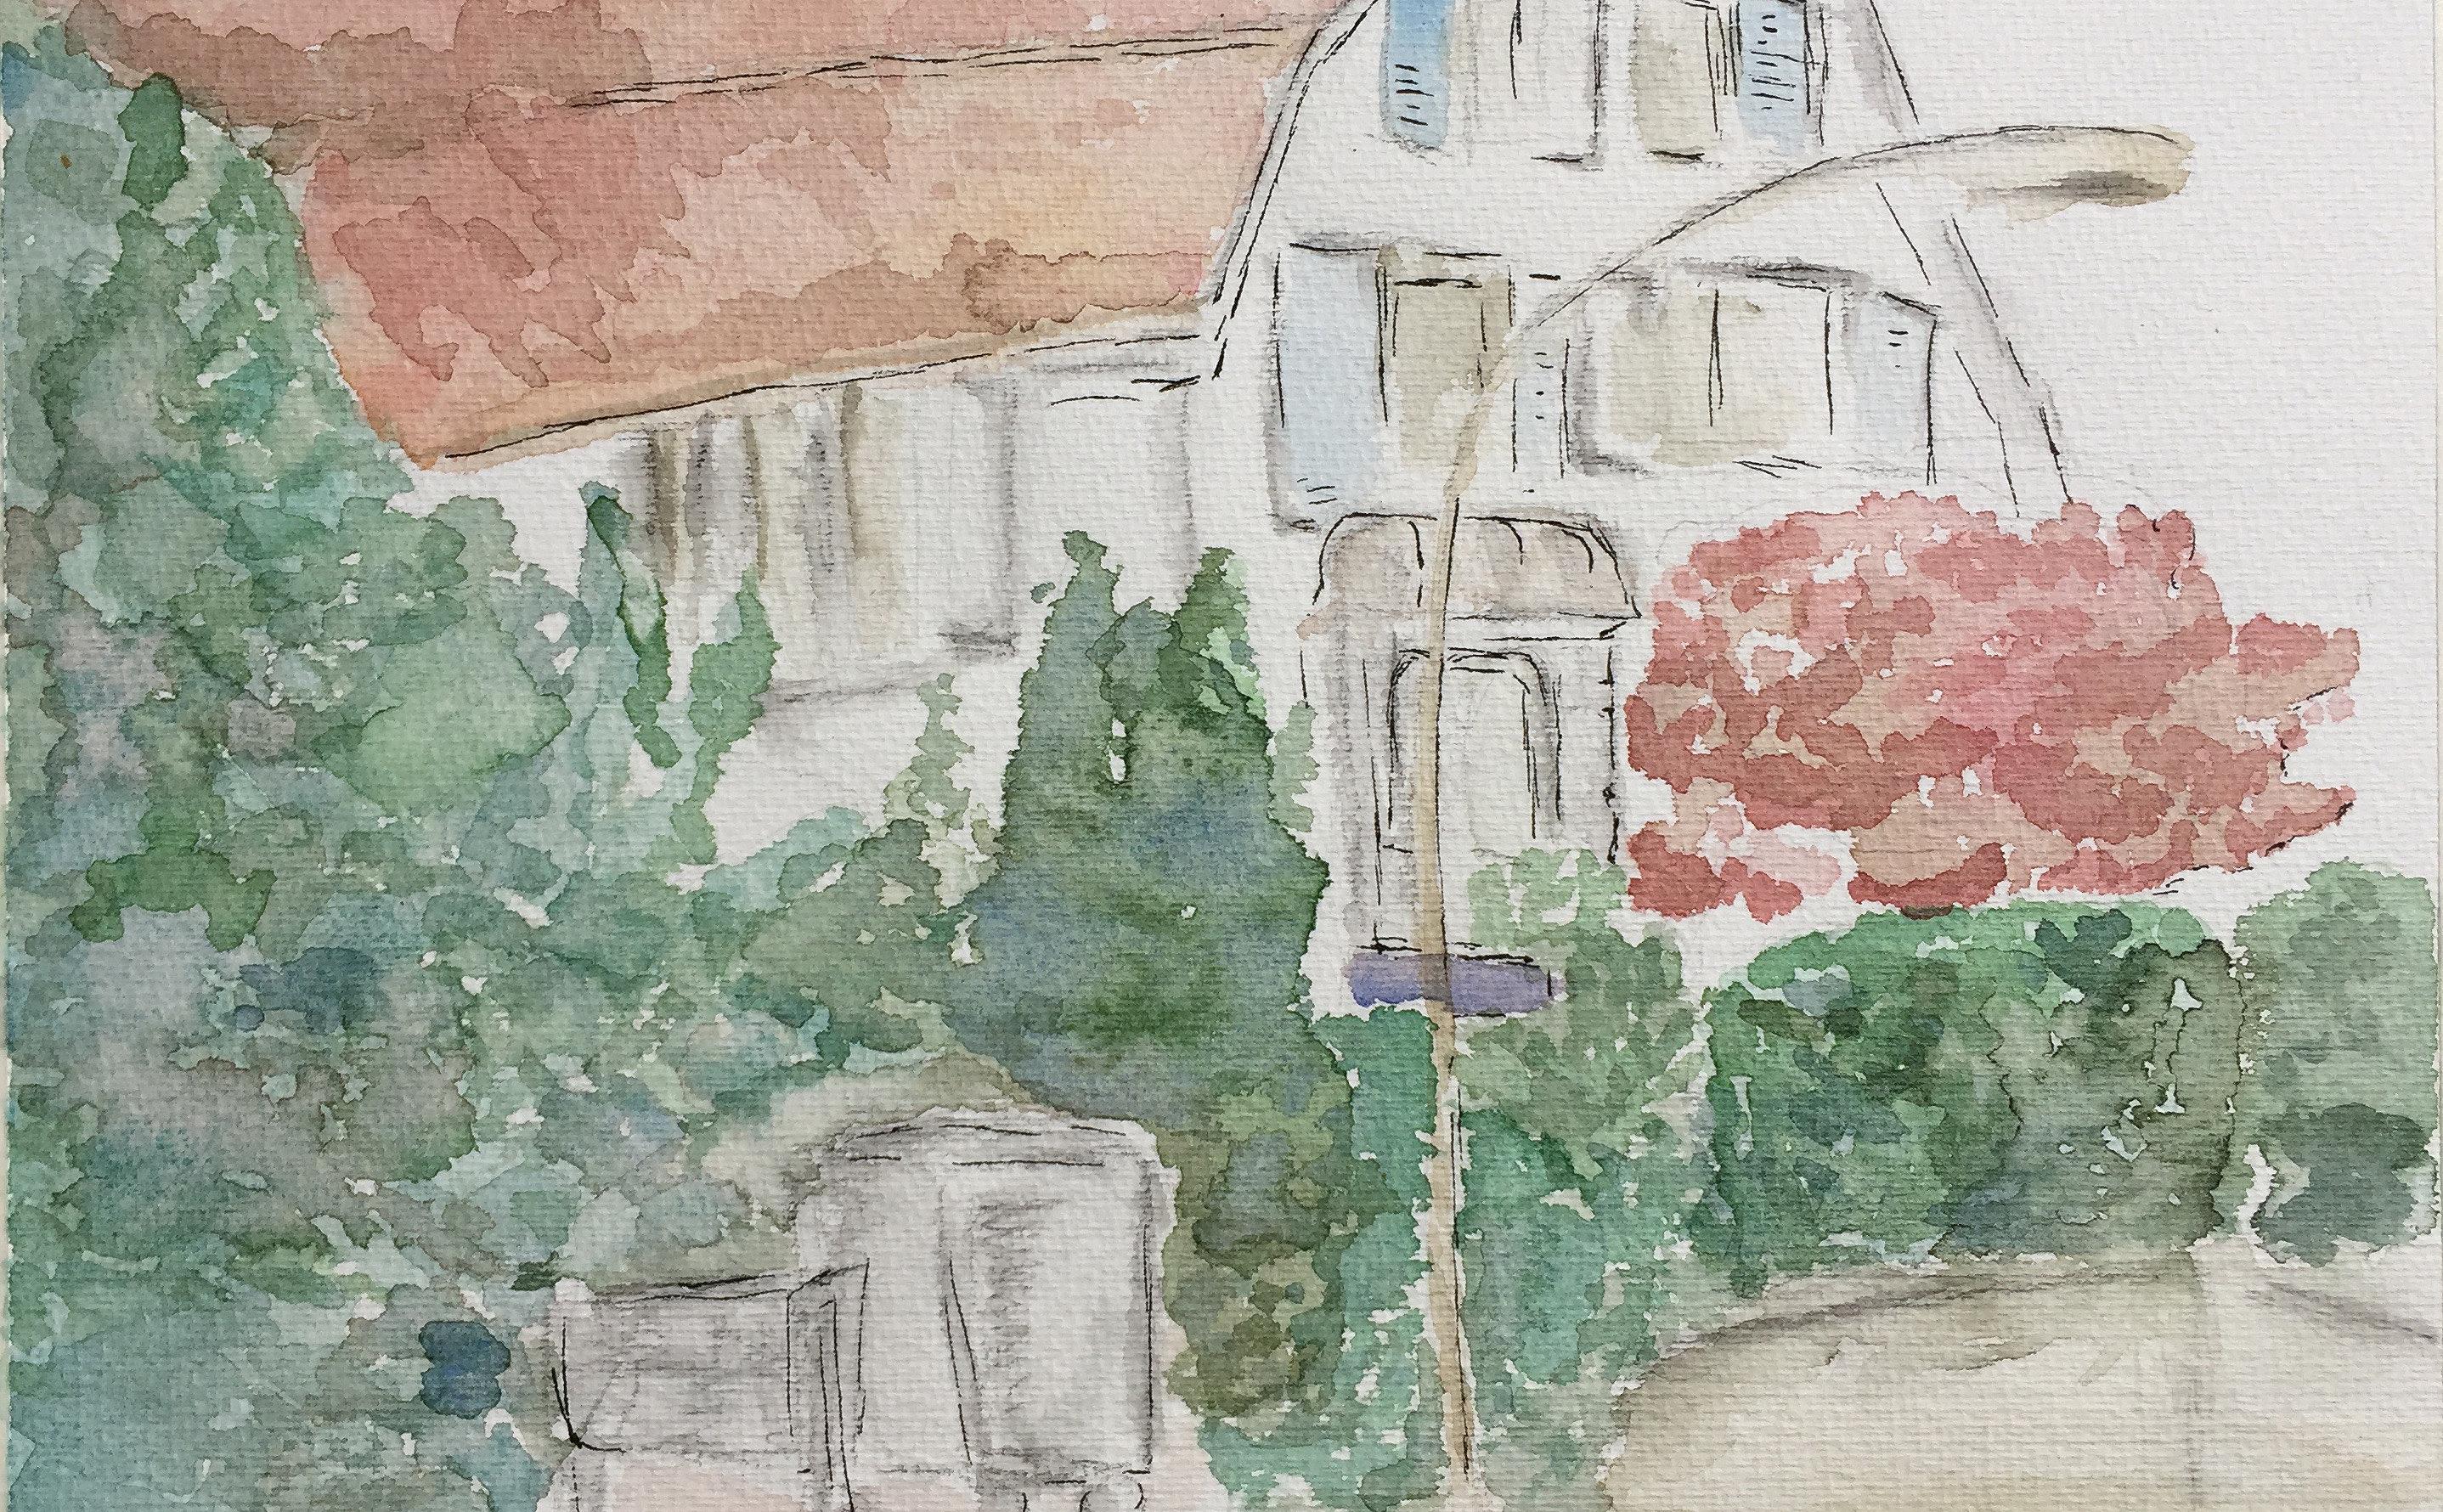 Elke Heinert_Röslistrasse_Aquarell_5.5.18_Urban Sketching_Astrid Amadeo_Zeichnen in Zürich